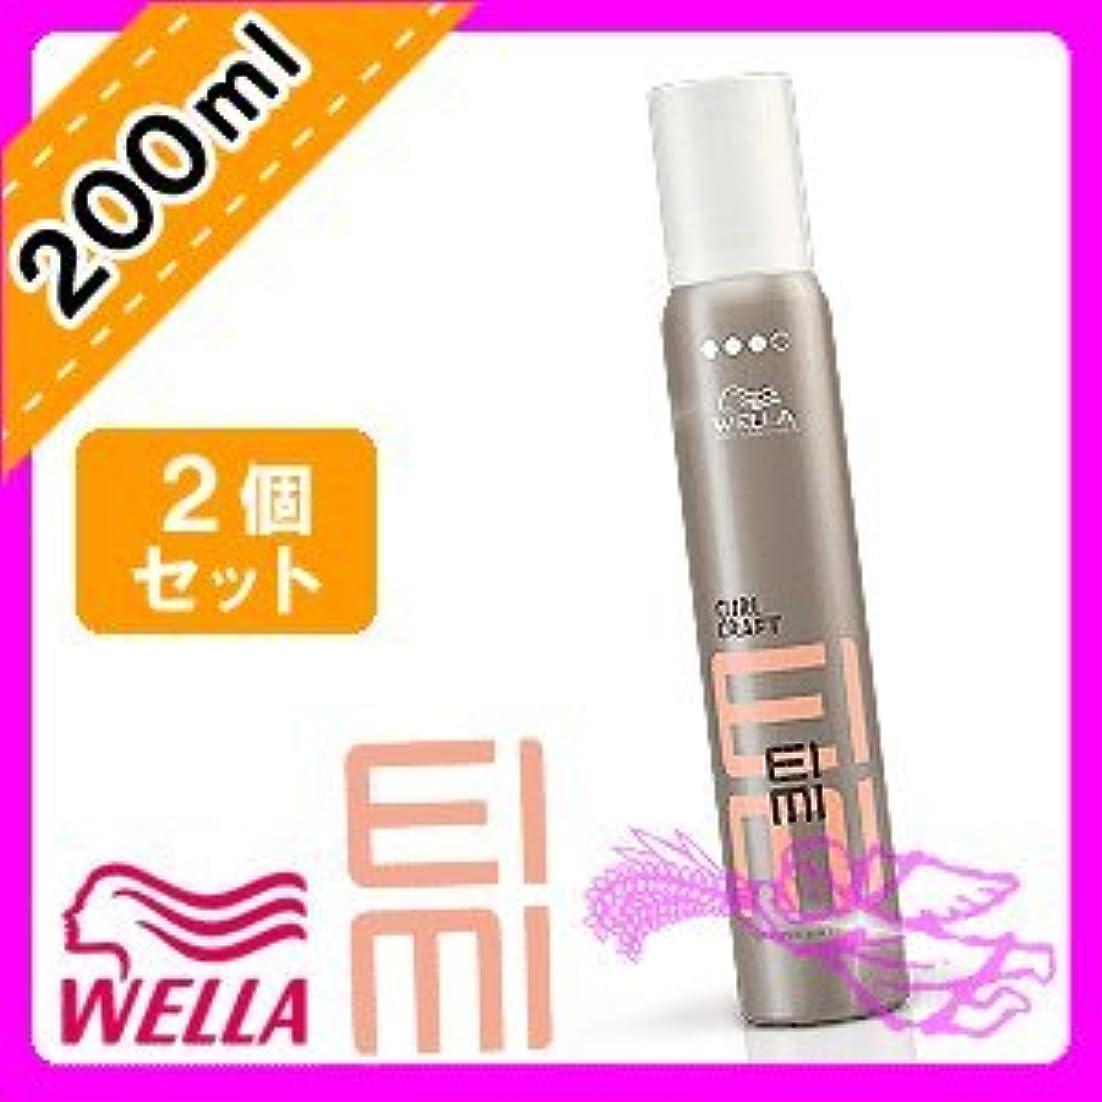 満たすギャンブル混合したウエラ EIMI(アイミィ) カールクラフトワックスムース 200ml ×2個 セット WELLA P&G